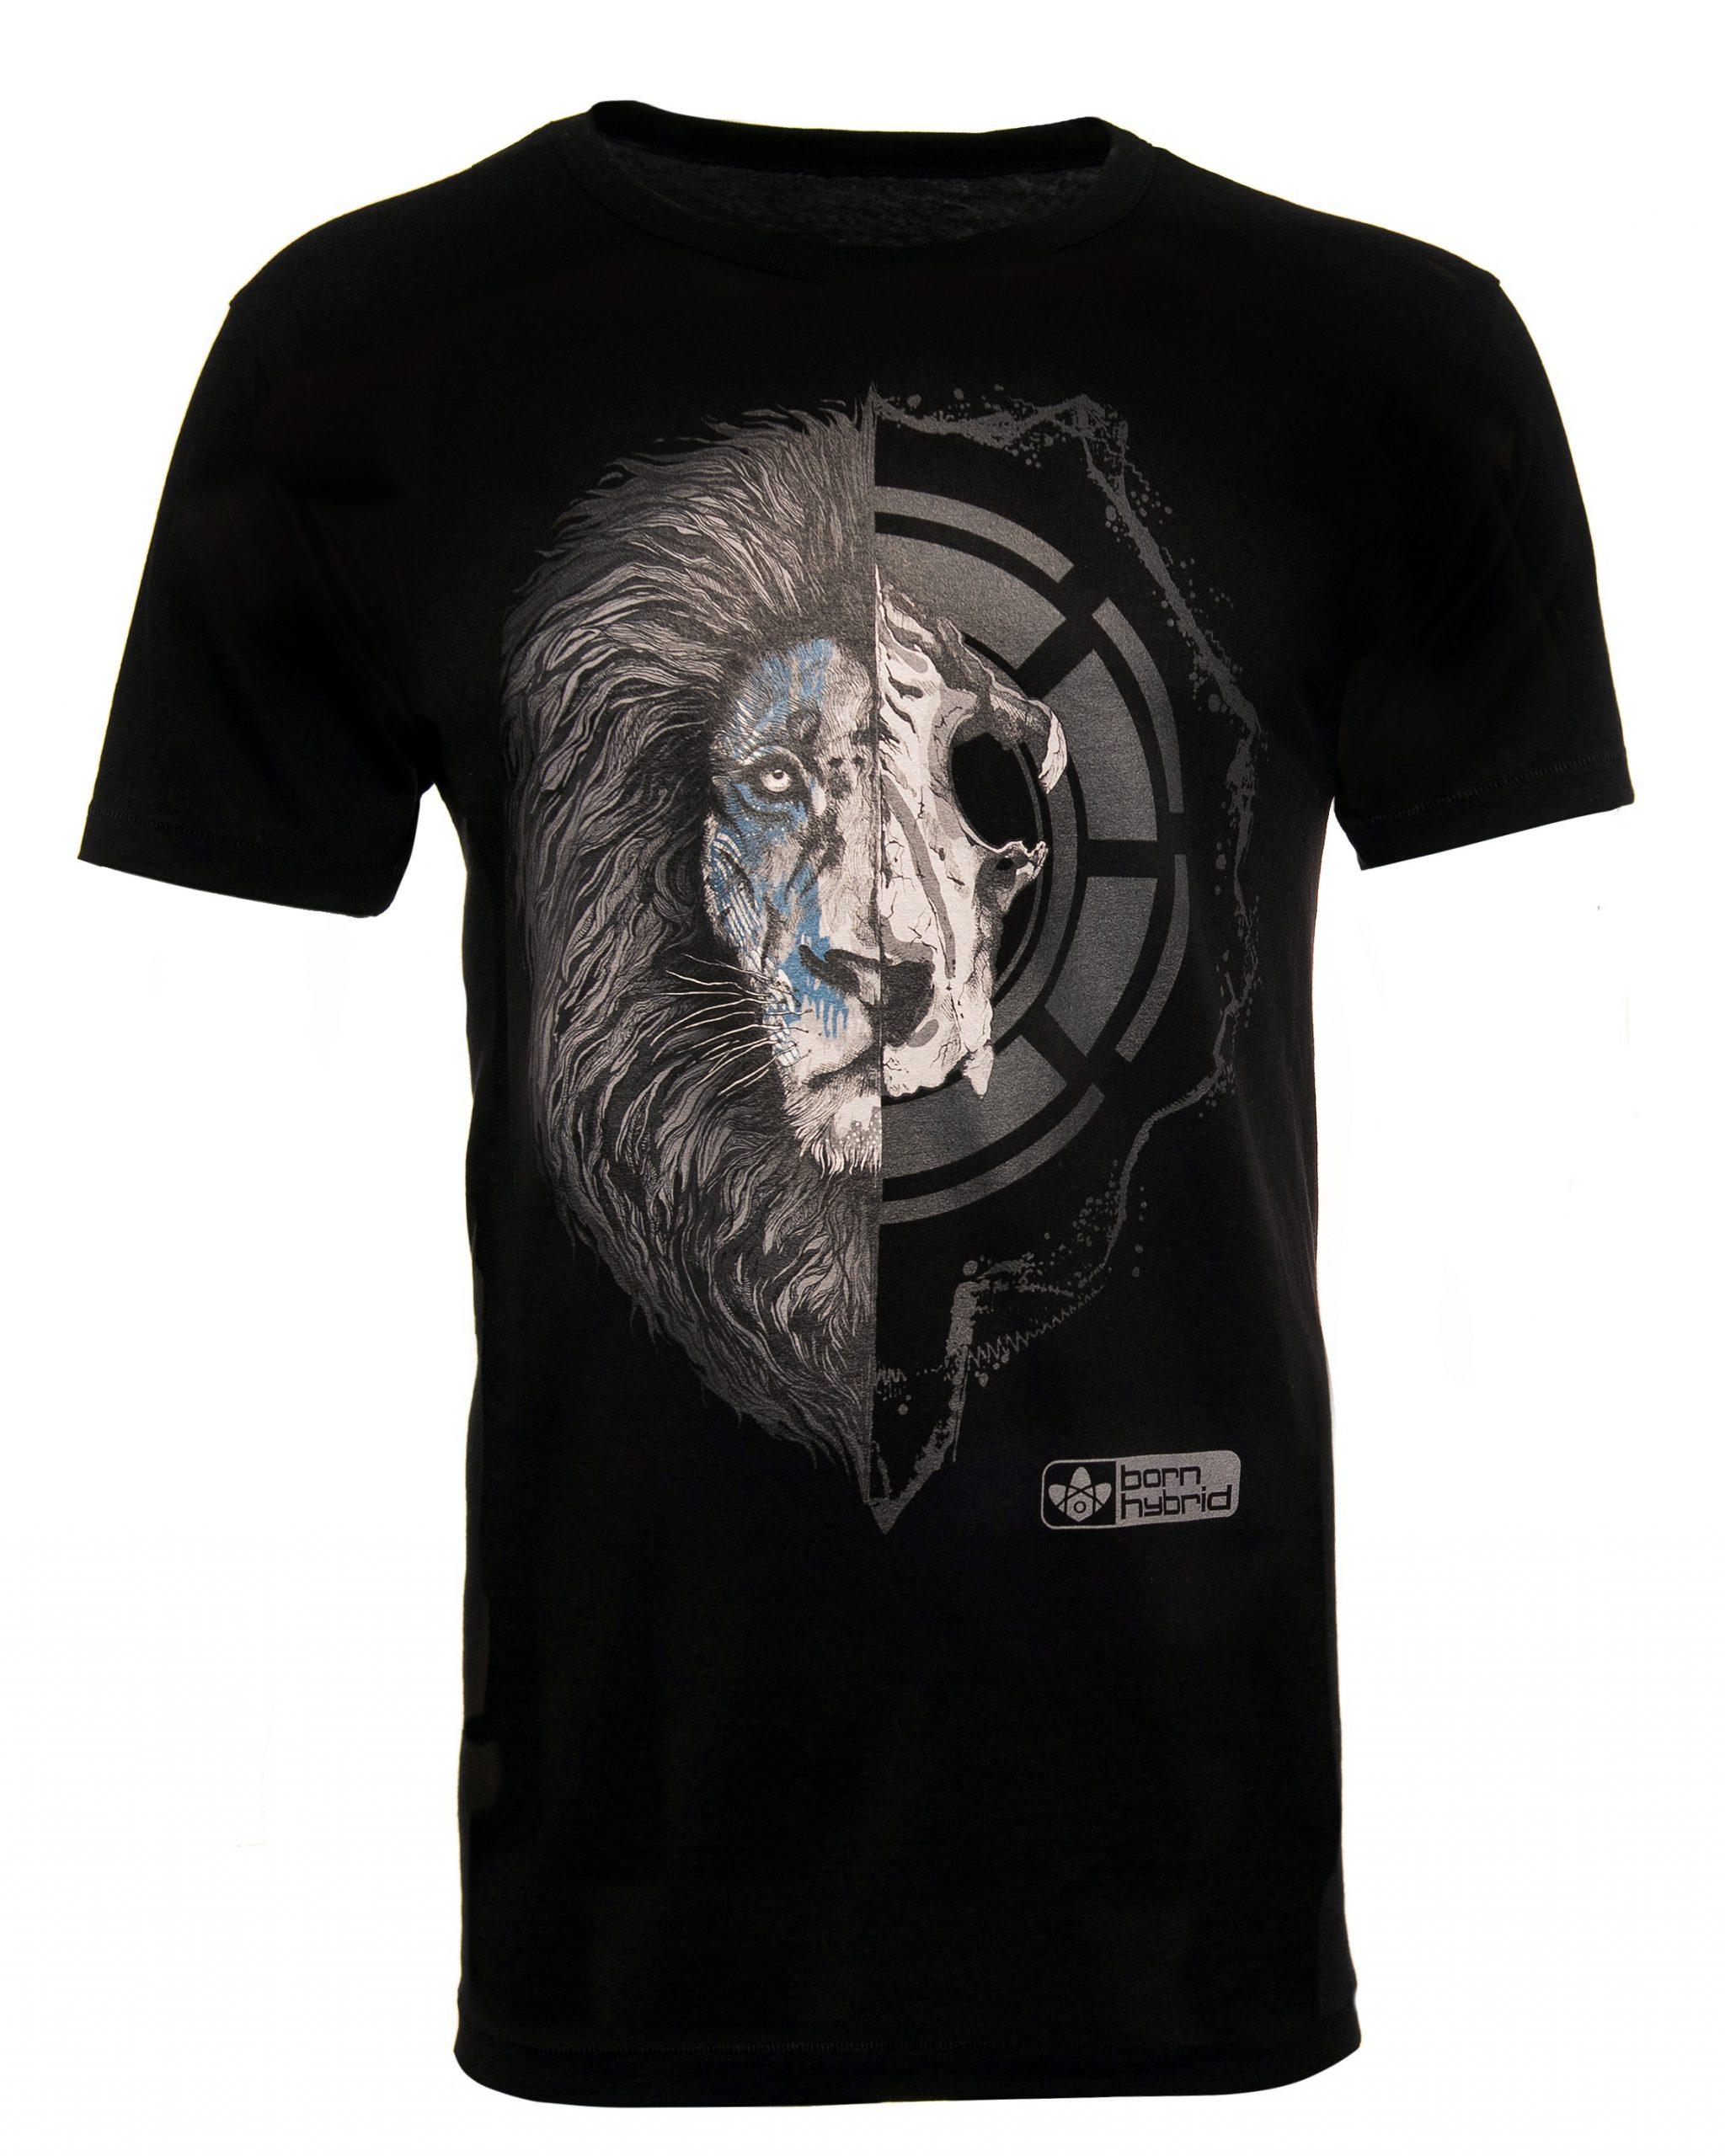 Men's black lion graphic t-shirt - half lion face, half lion skull. Combed organic cotton